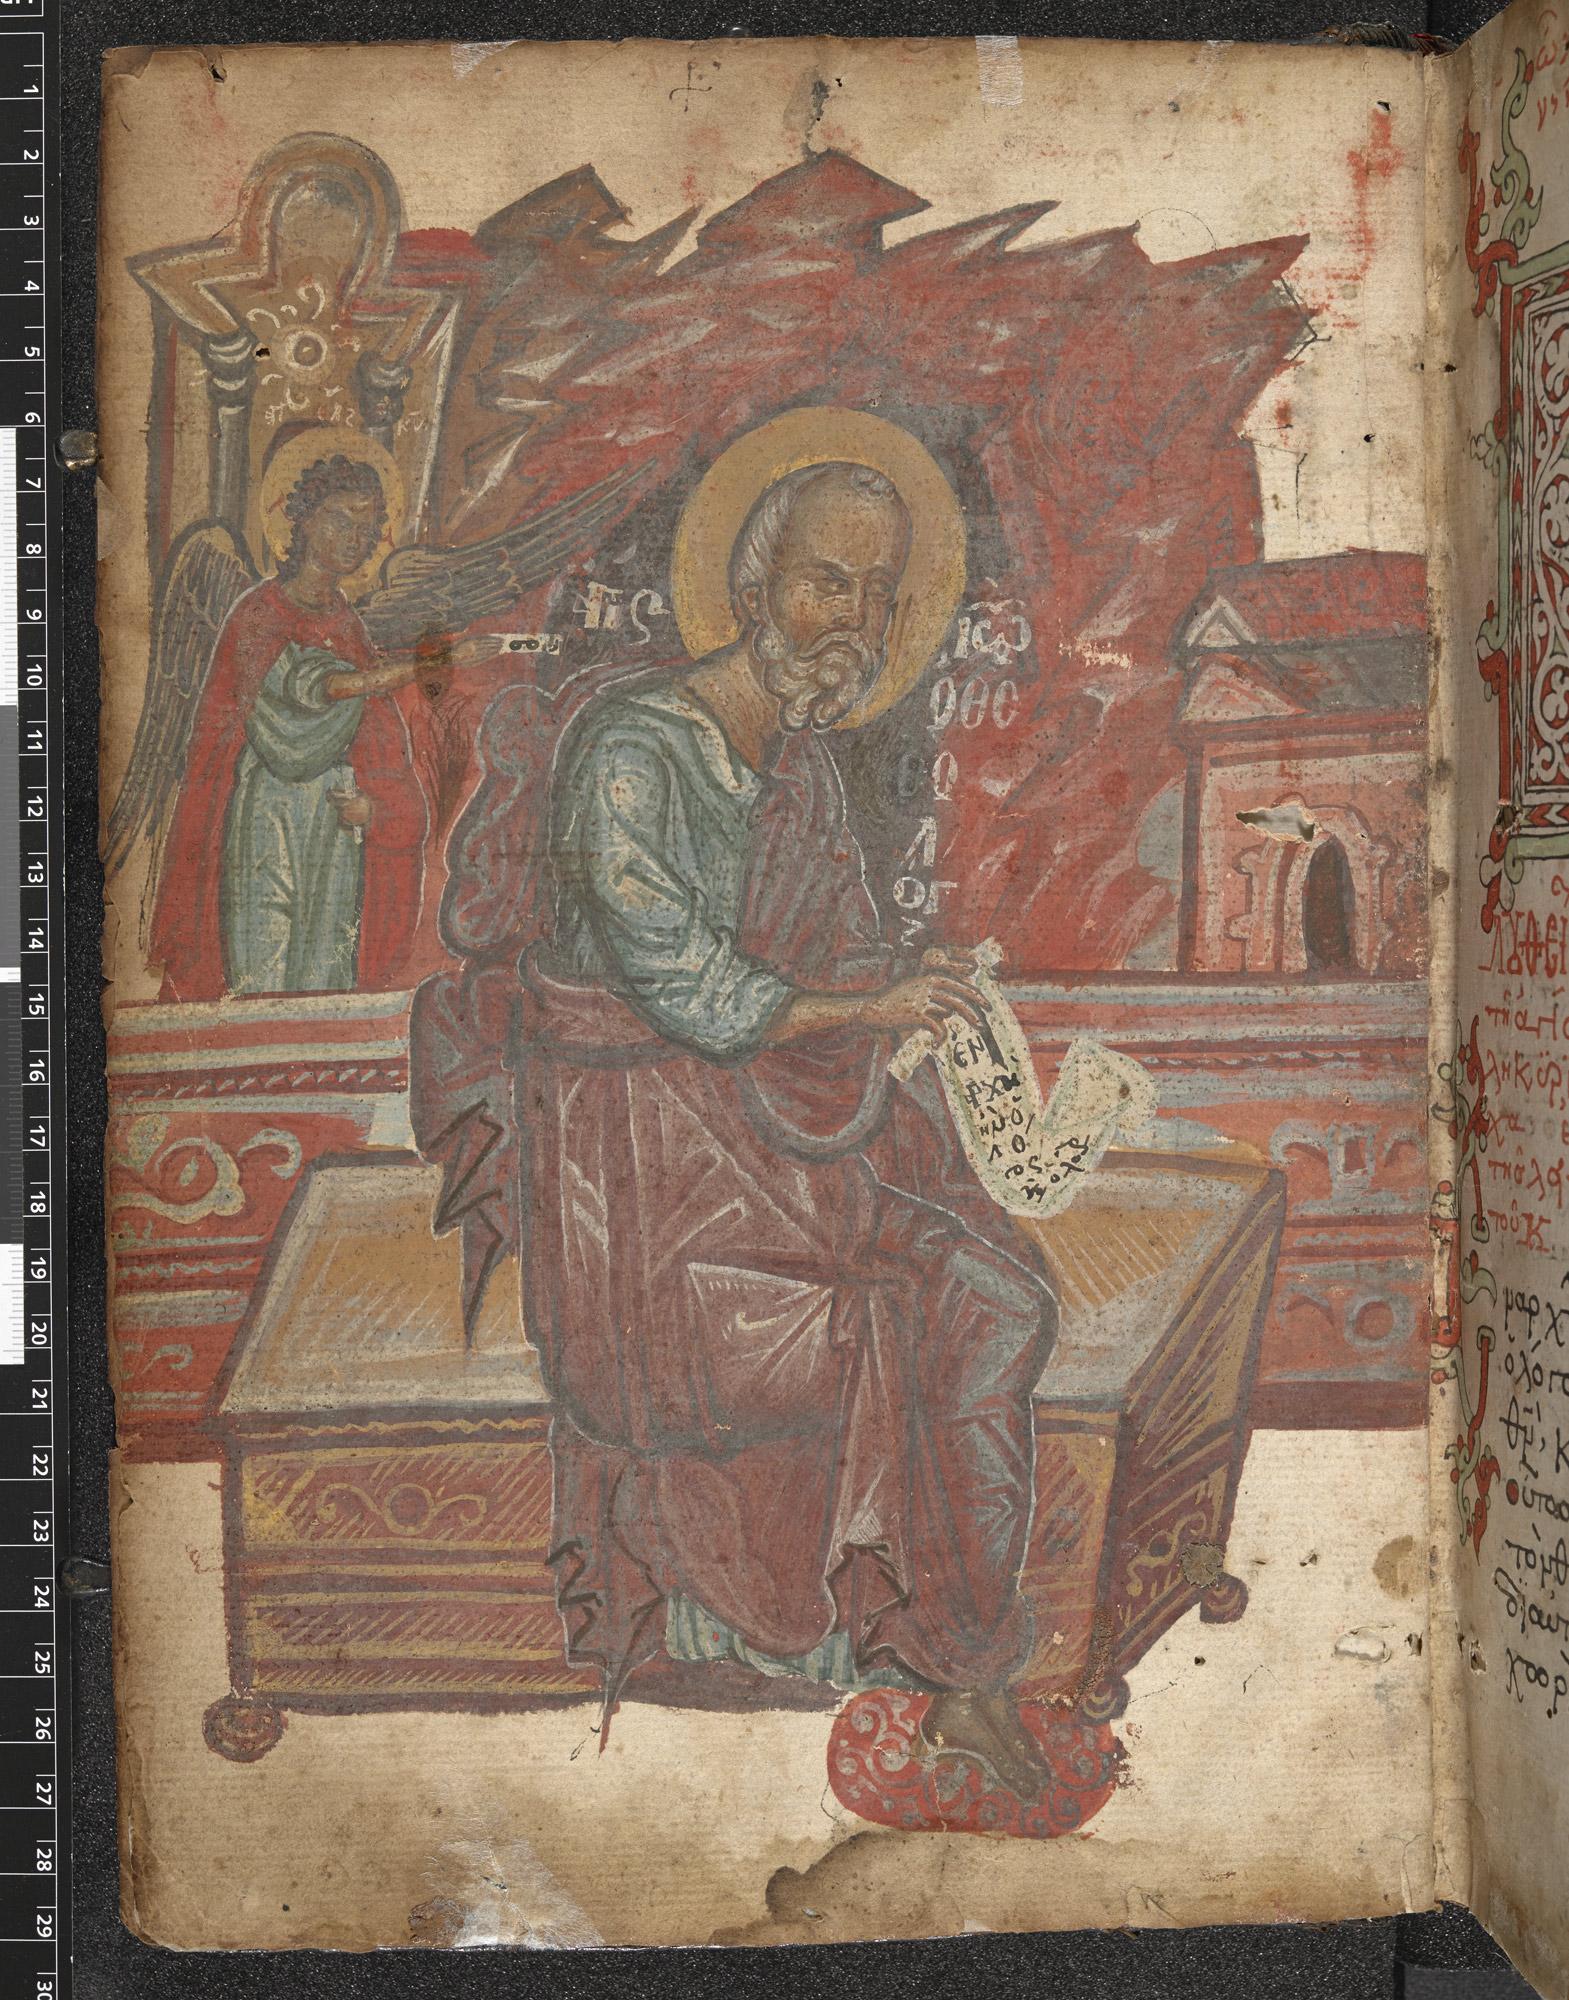 art in medieval greek manuscripts